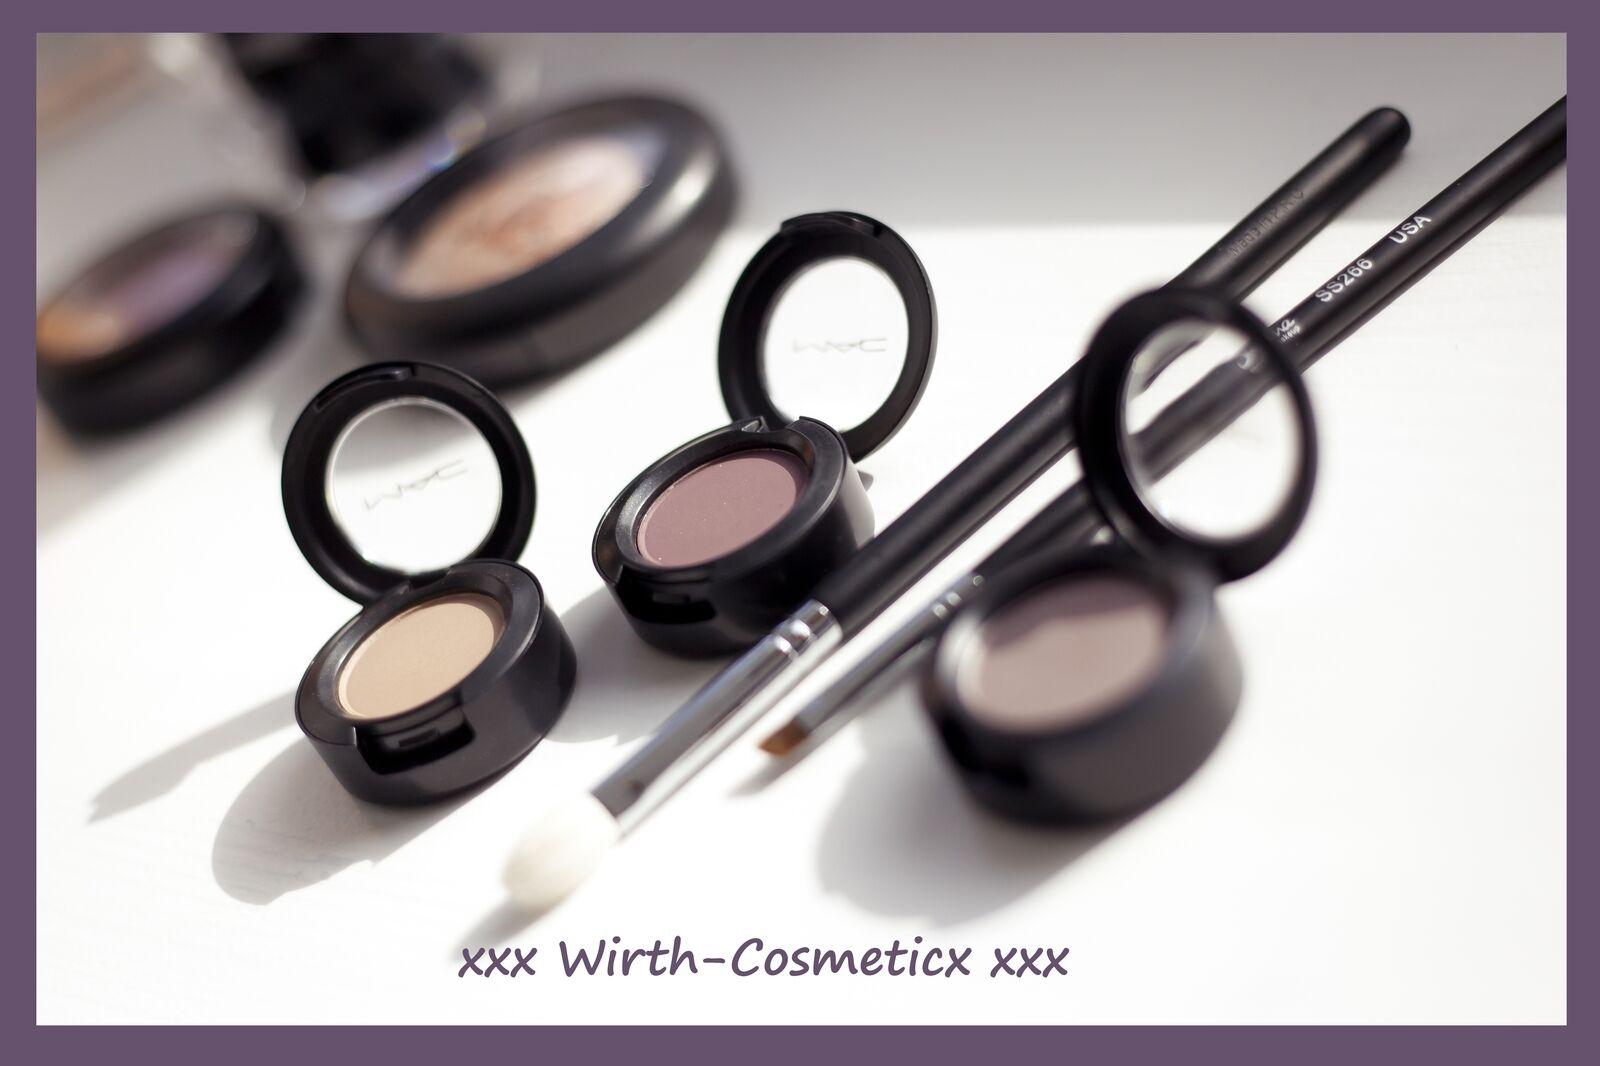 Wirth-Cosmeticx